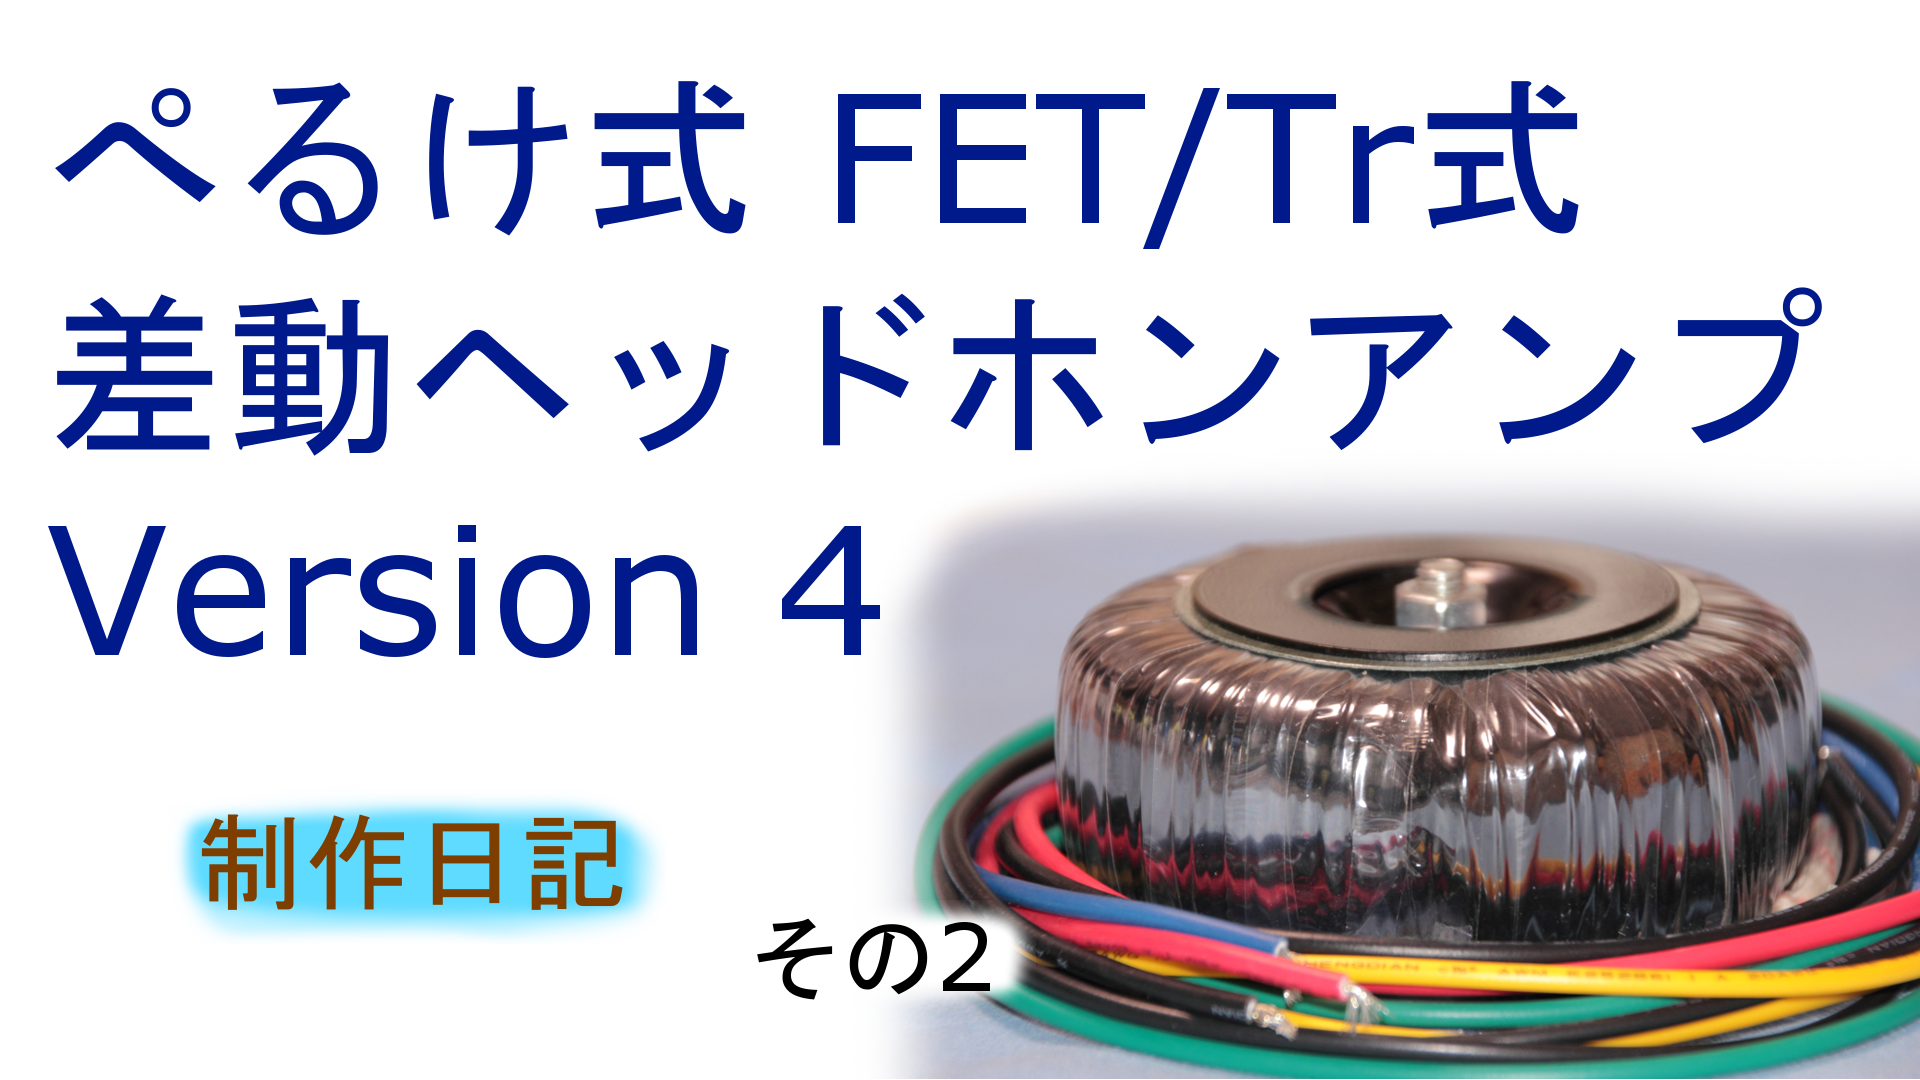 ぺるけ式 FETTr式差動ヘッドホンアンプ Version 4 その2